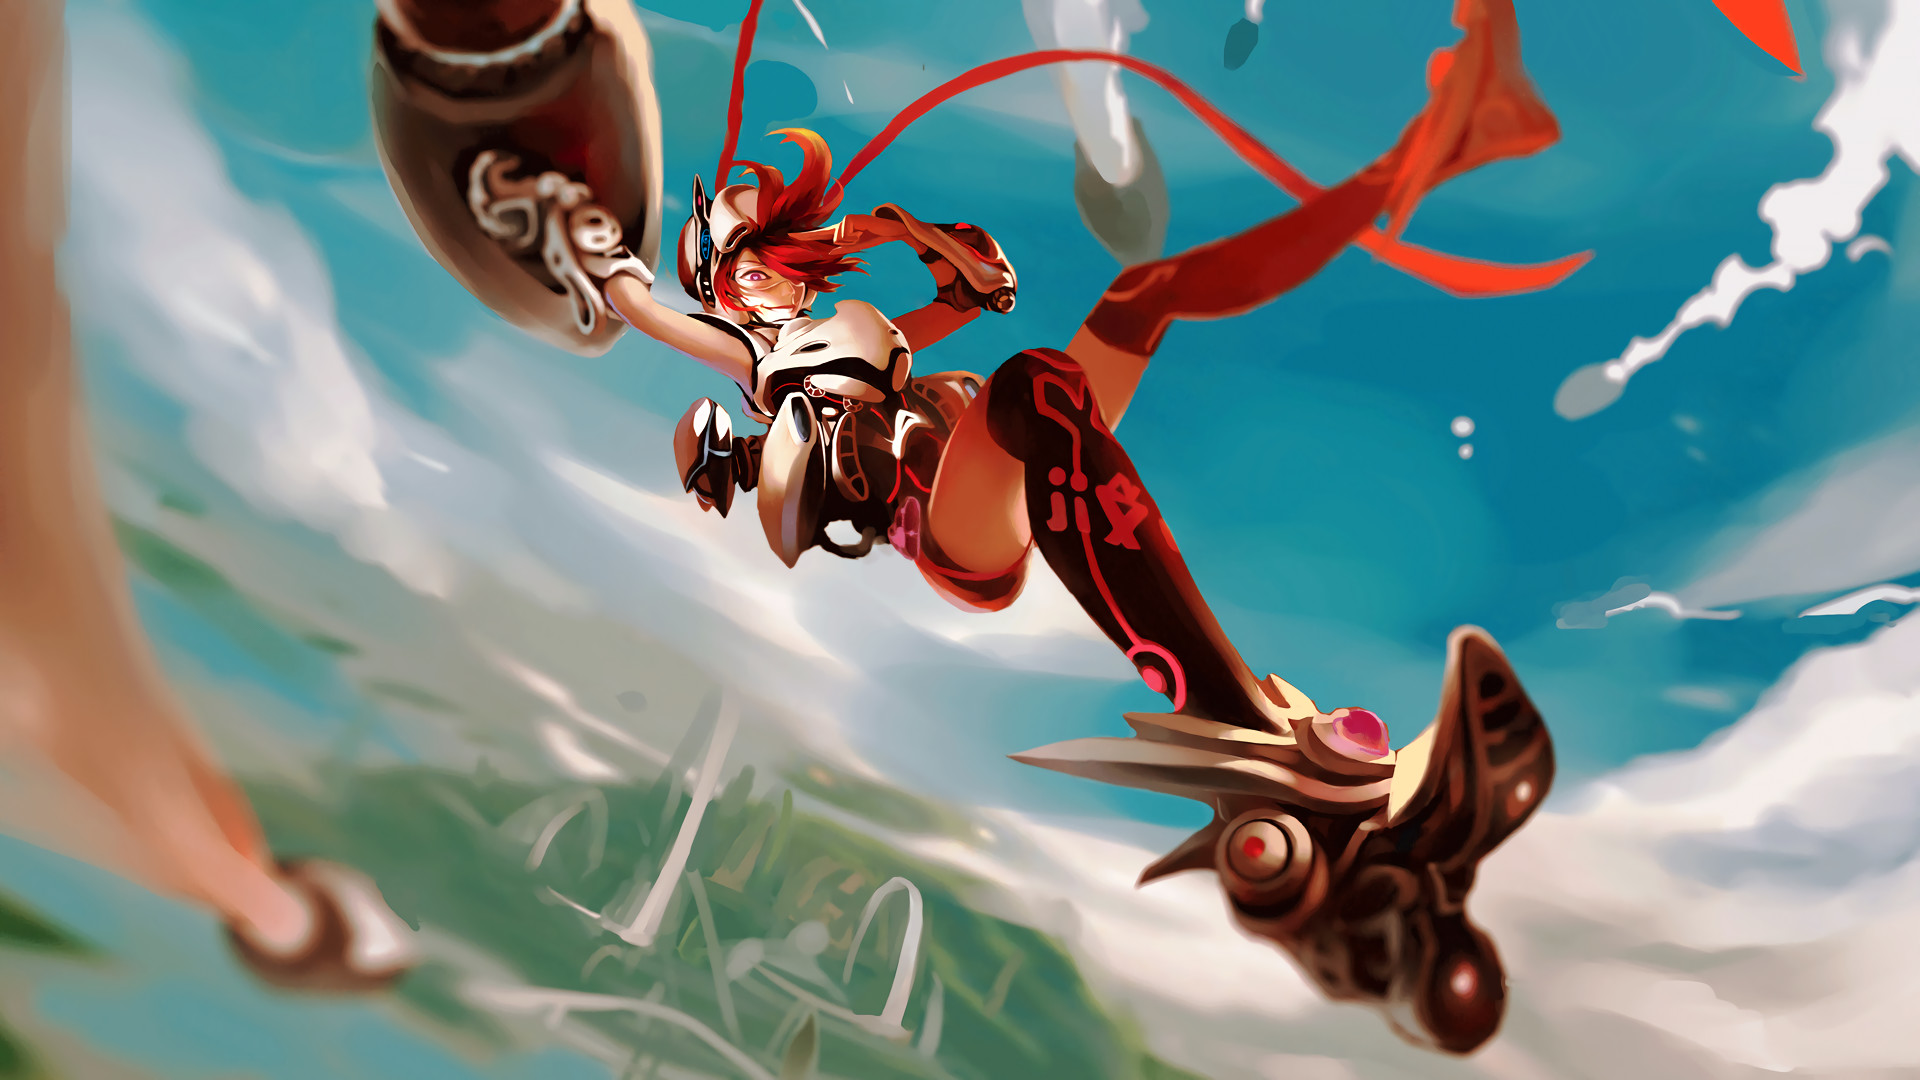 Res: 1920x1080, Jinx Skin Concept League Of Legends Wallpaper League Of Legends Wallpapers    Art-of-LoL